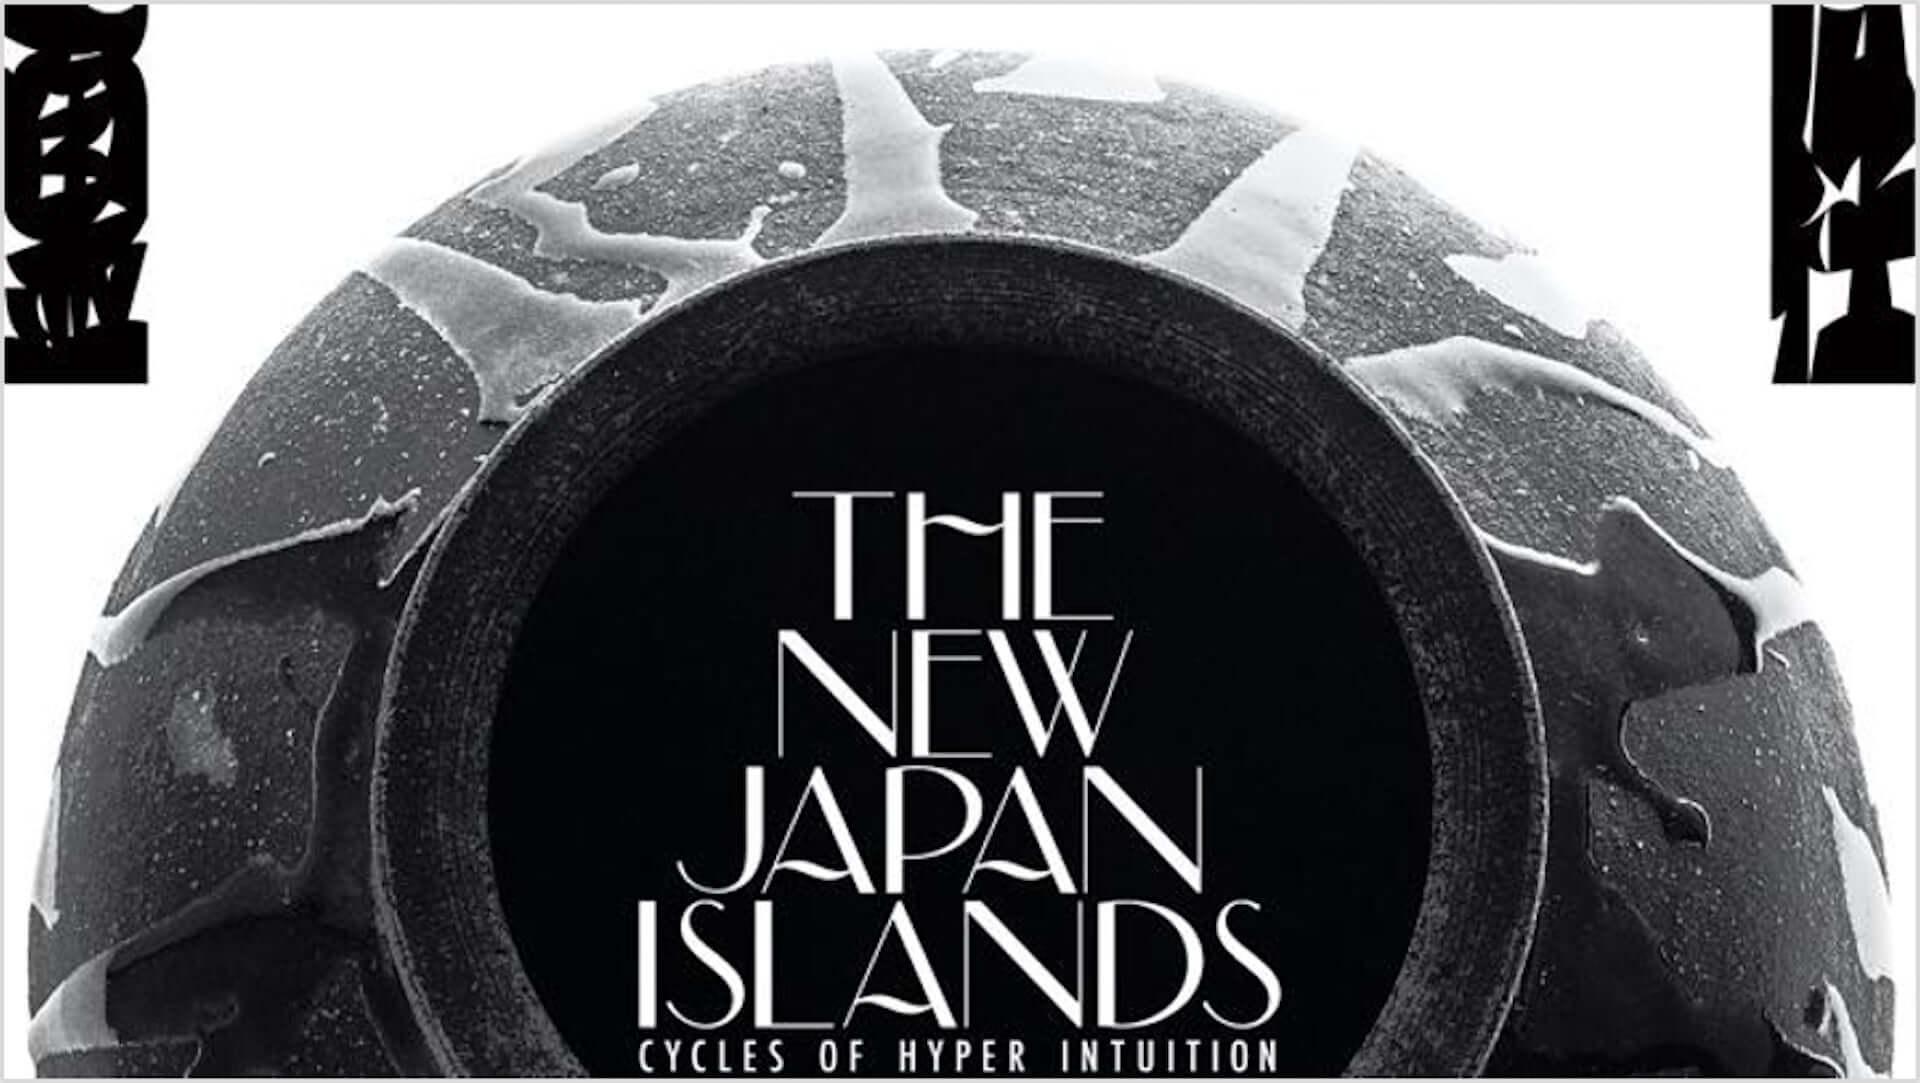 落合陽一のディレクションによるThe New Japan Islandsが<SXSW 2020>に出展決定 コンセプトは「ハイパー霊性 - 超感覚がめぐるところ」 art200228_sxsw_main-1920x1083